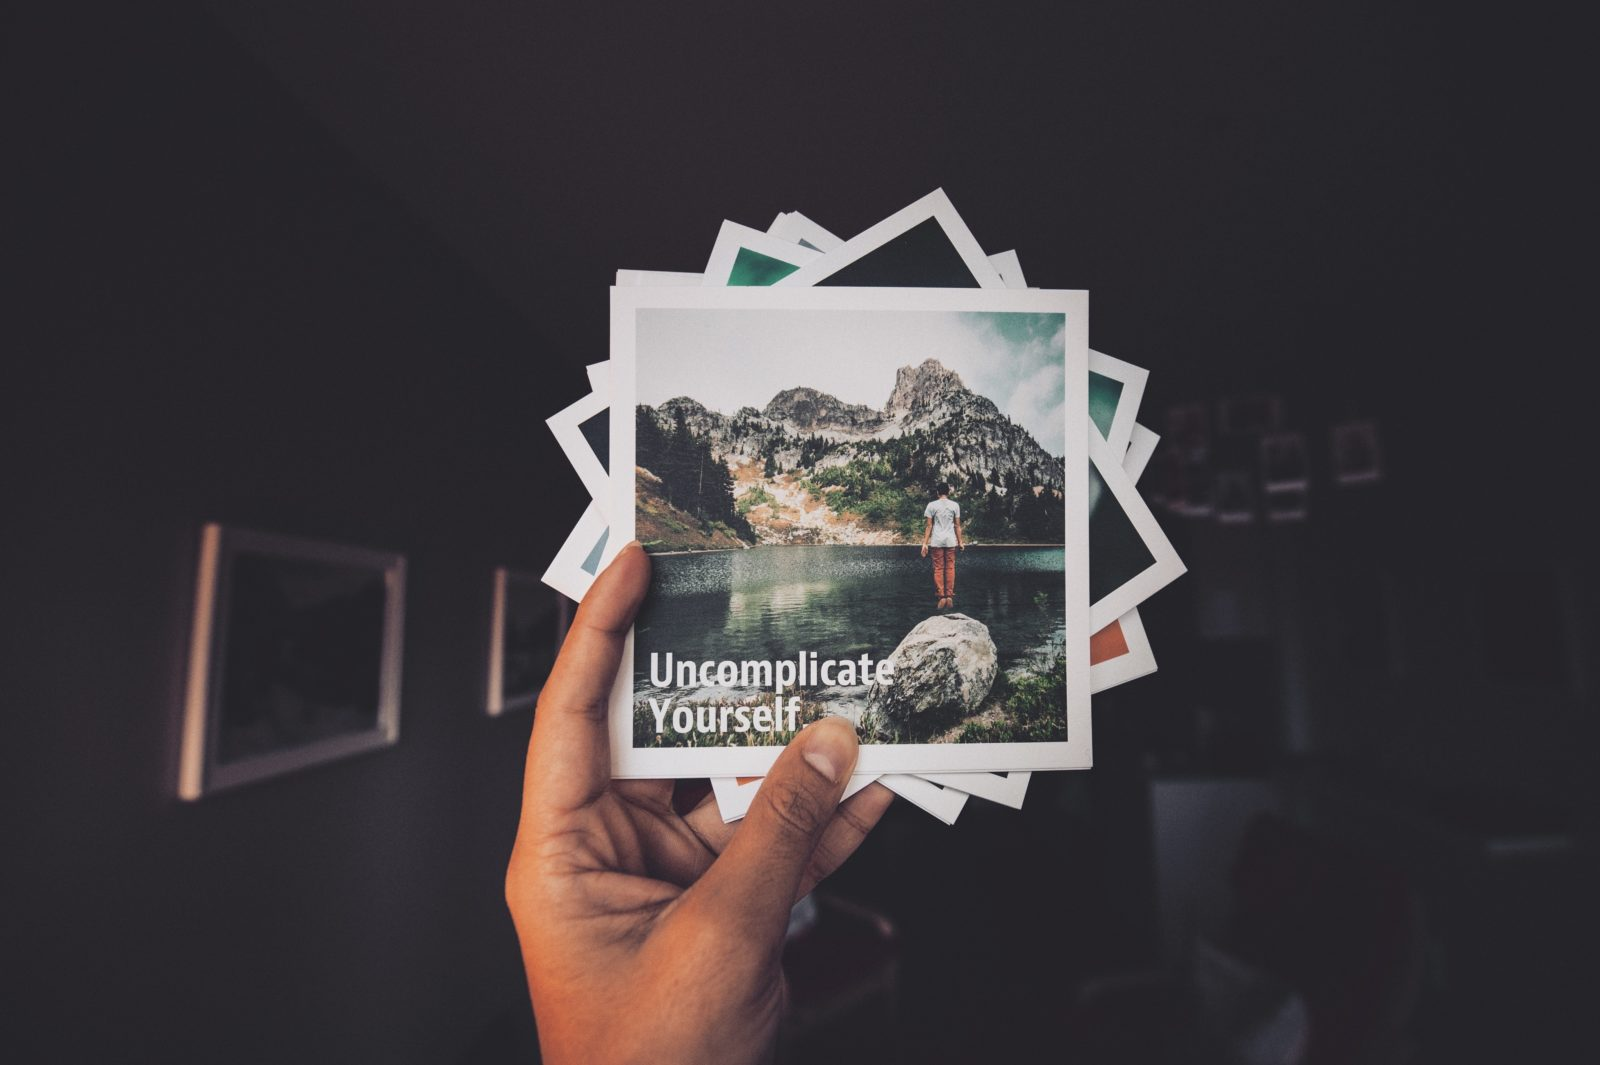 可以自由使用的高畫質unsplash影像檔案外掛Instant Images